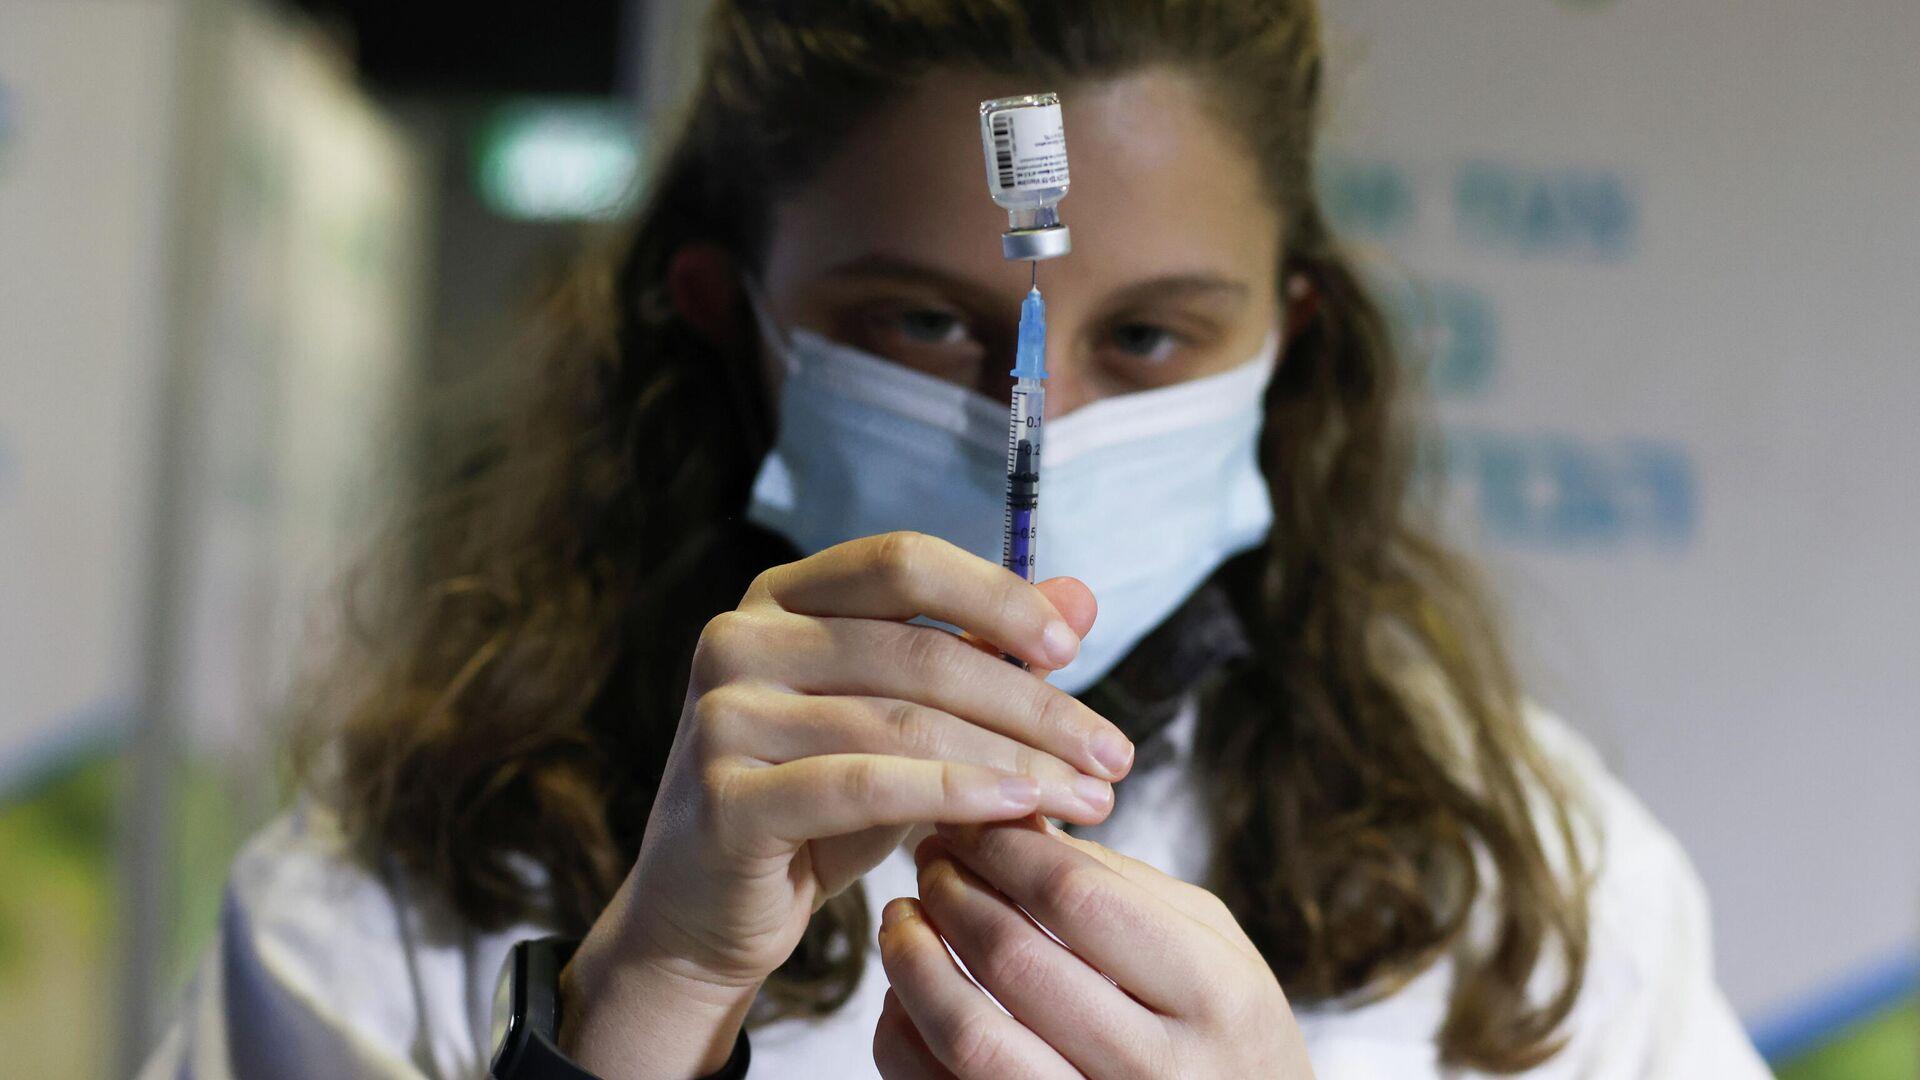 Vacunación en Israel - Sputnik Mundo, 1920, 11.03.2021